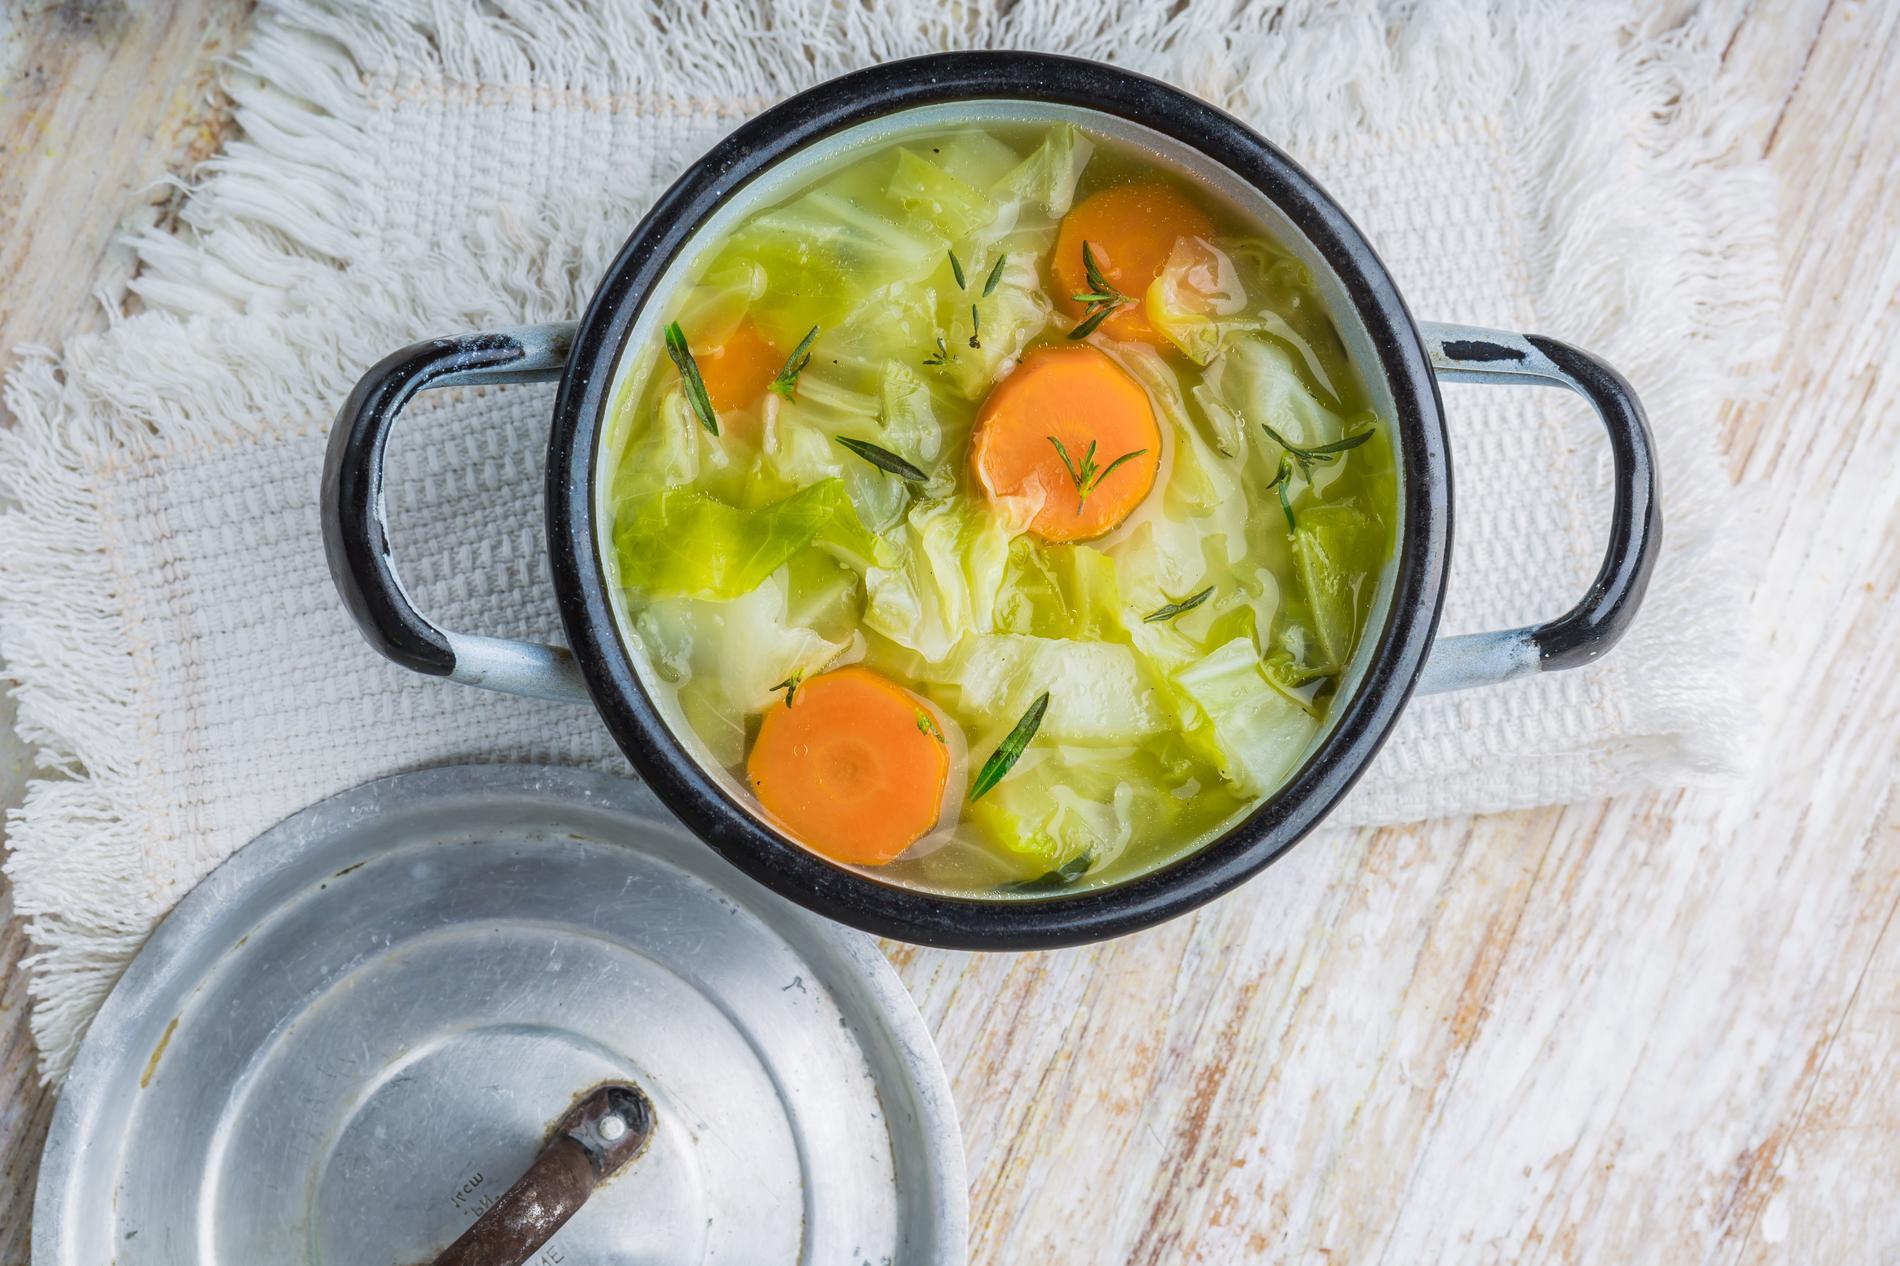 recette regime la soupe au choux un site culinaire populaire avec des recettes utiles. Black Bedroom Furniture Sets. Home Design Ideas